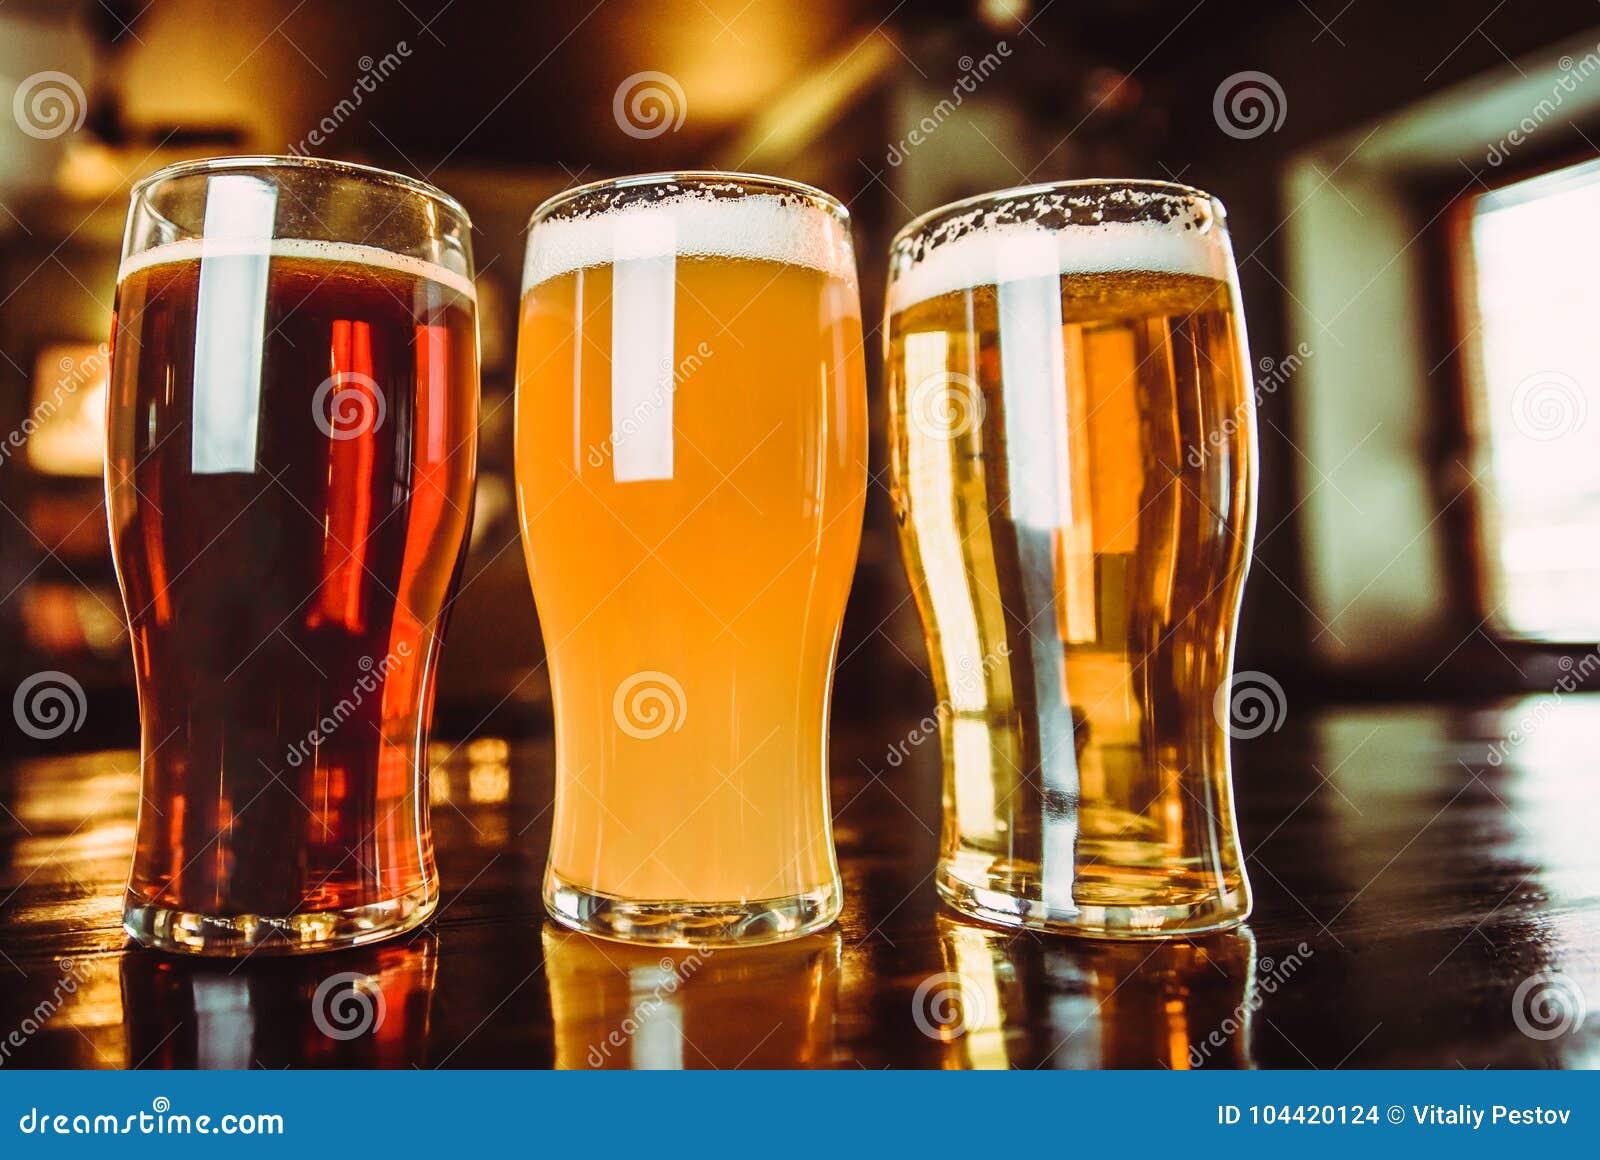 Glaces de bière blonde et foncée sur un fond de pub